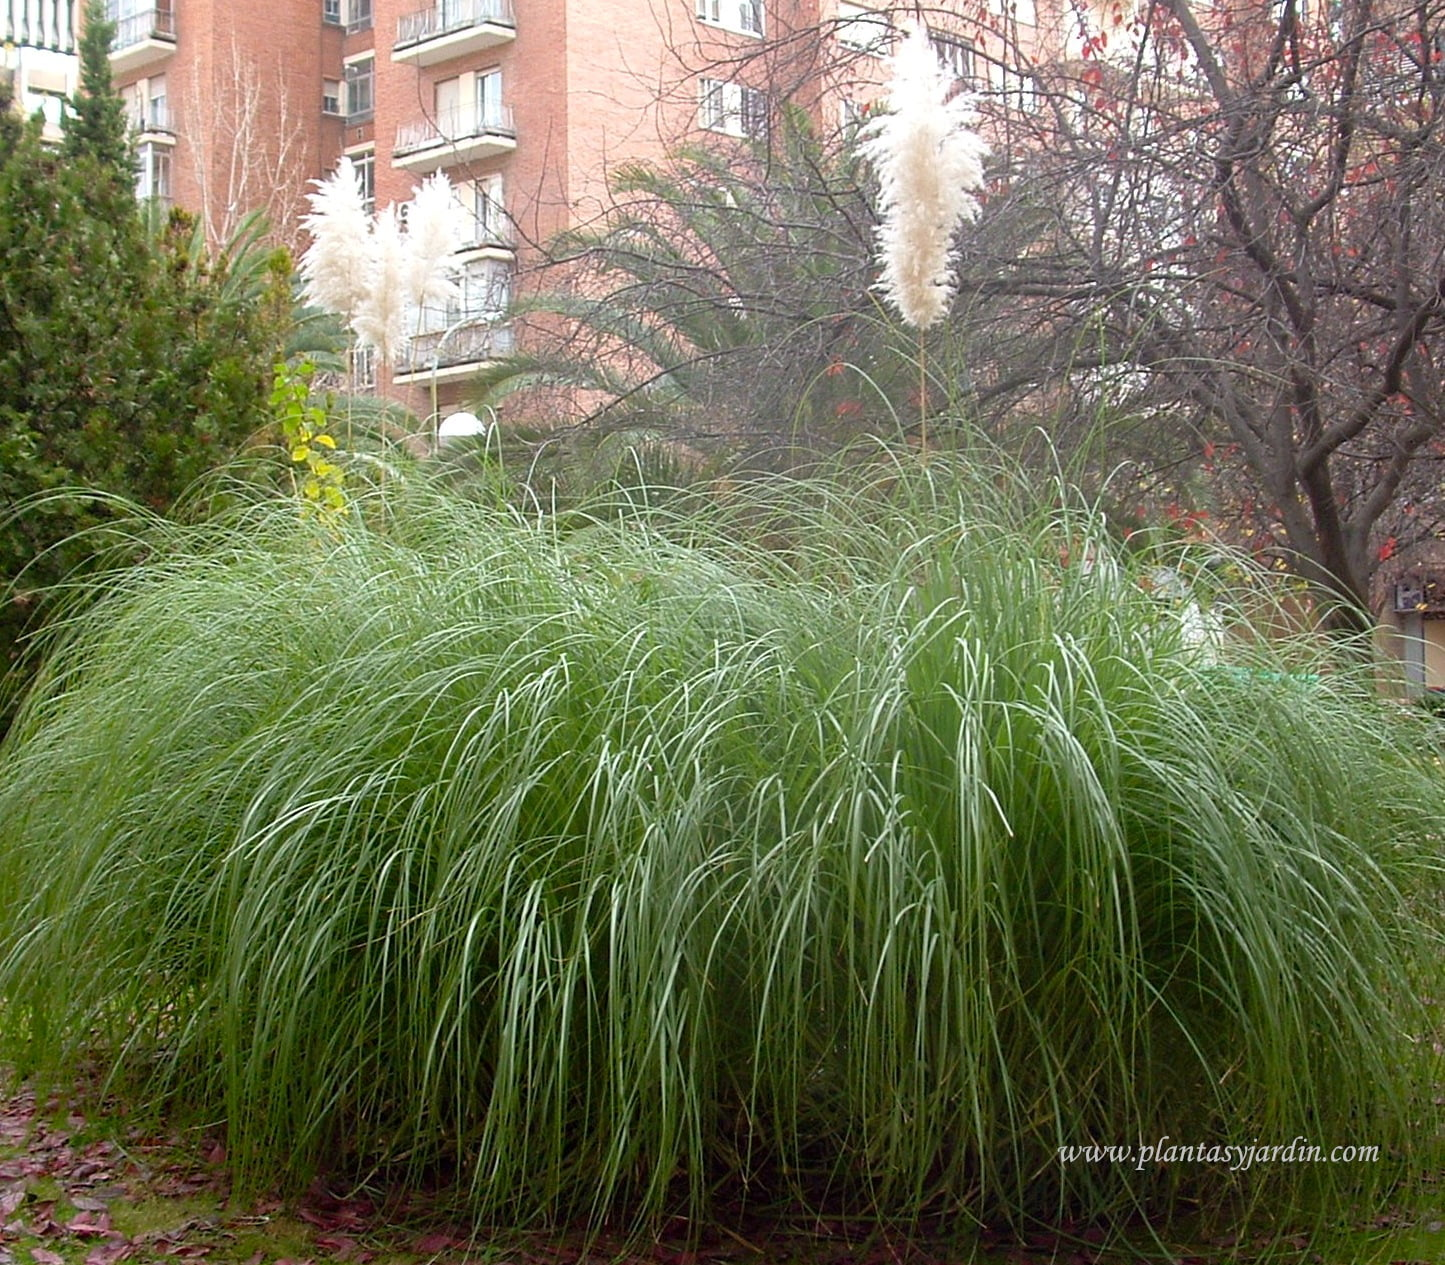 Po ceas plantas jard n for Matas ornamentales